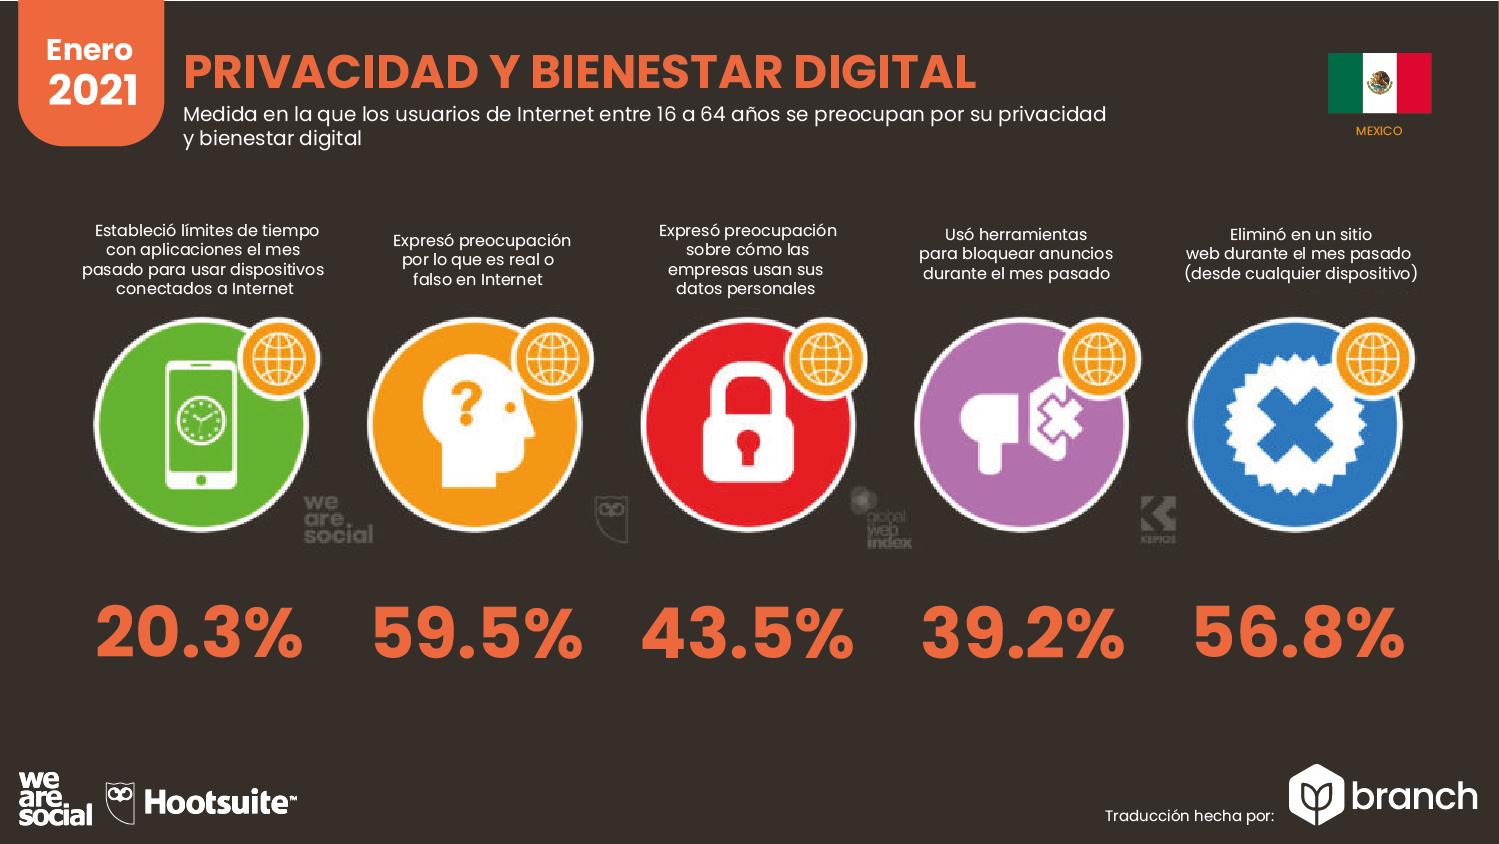 privacidad-y-bienestar-digital-mexico-2020-2021